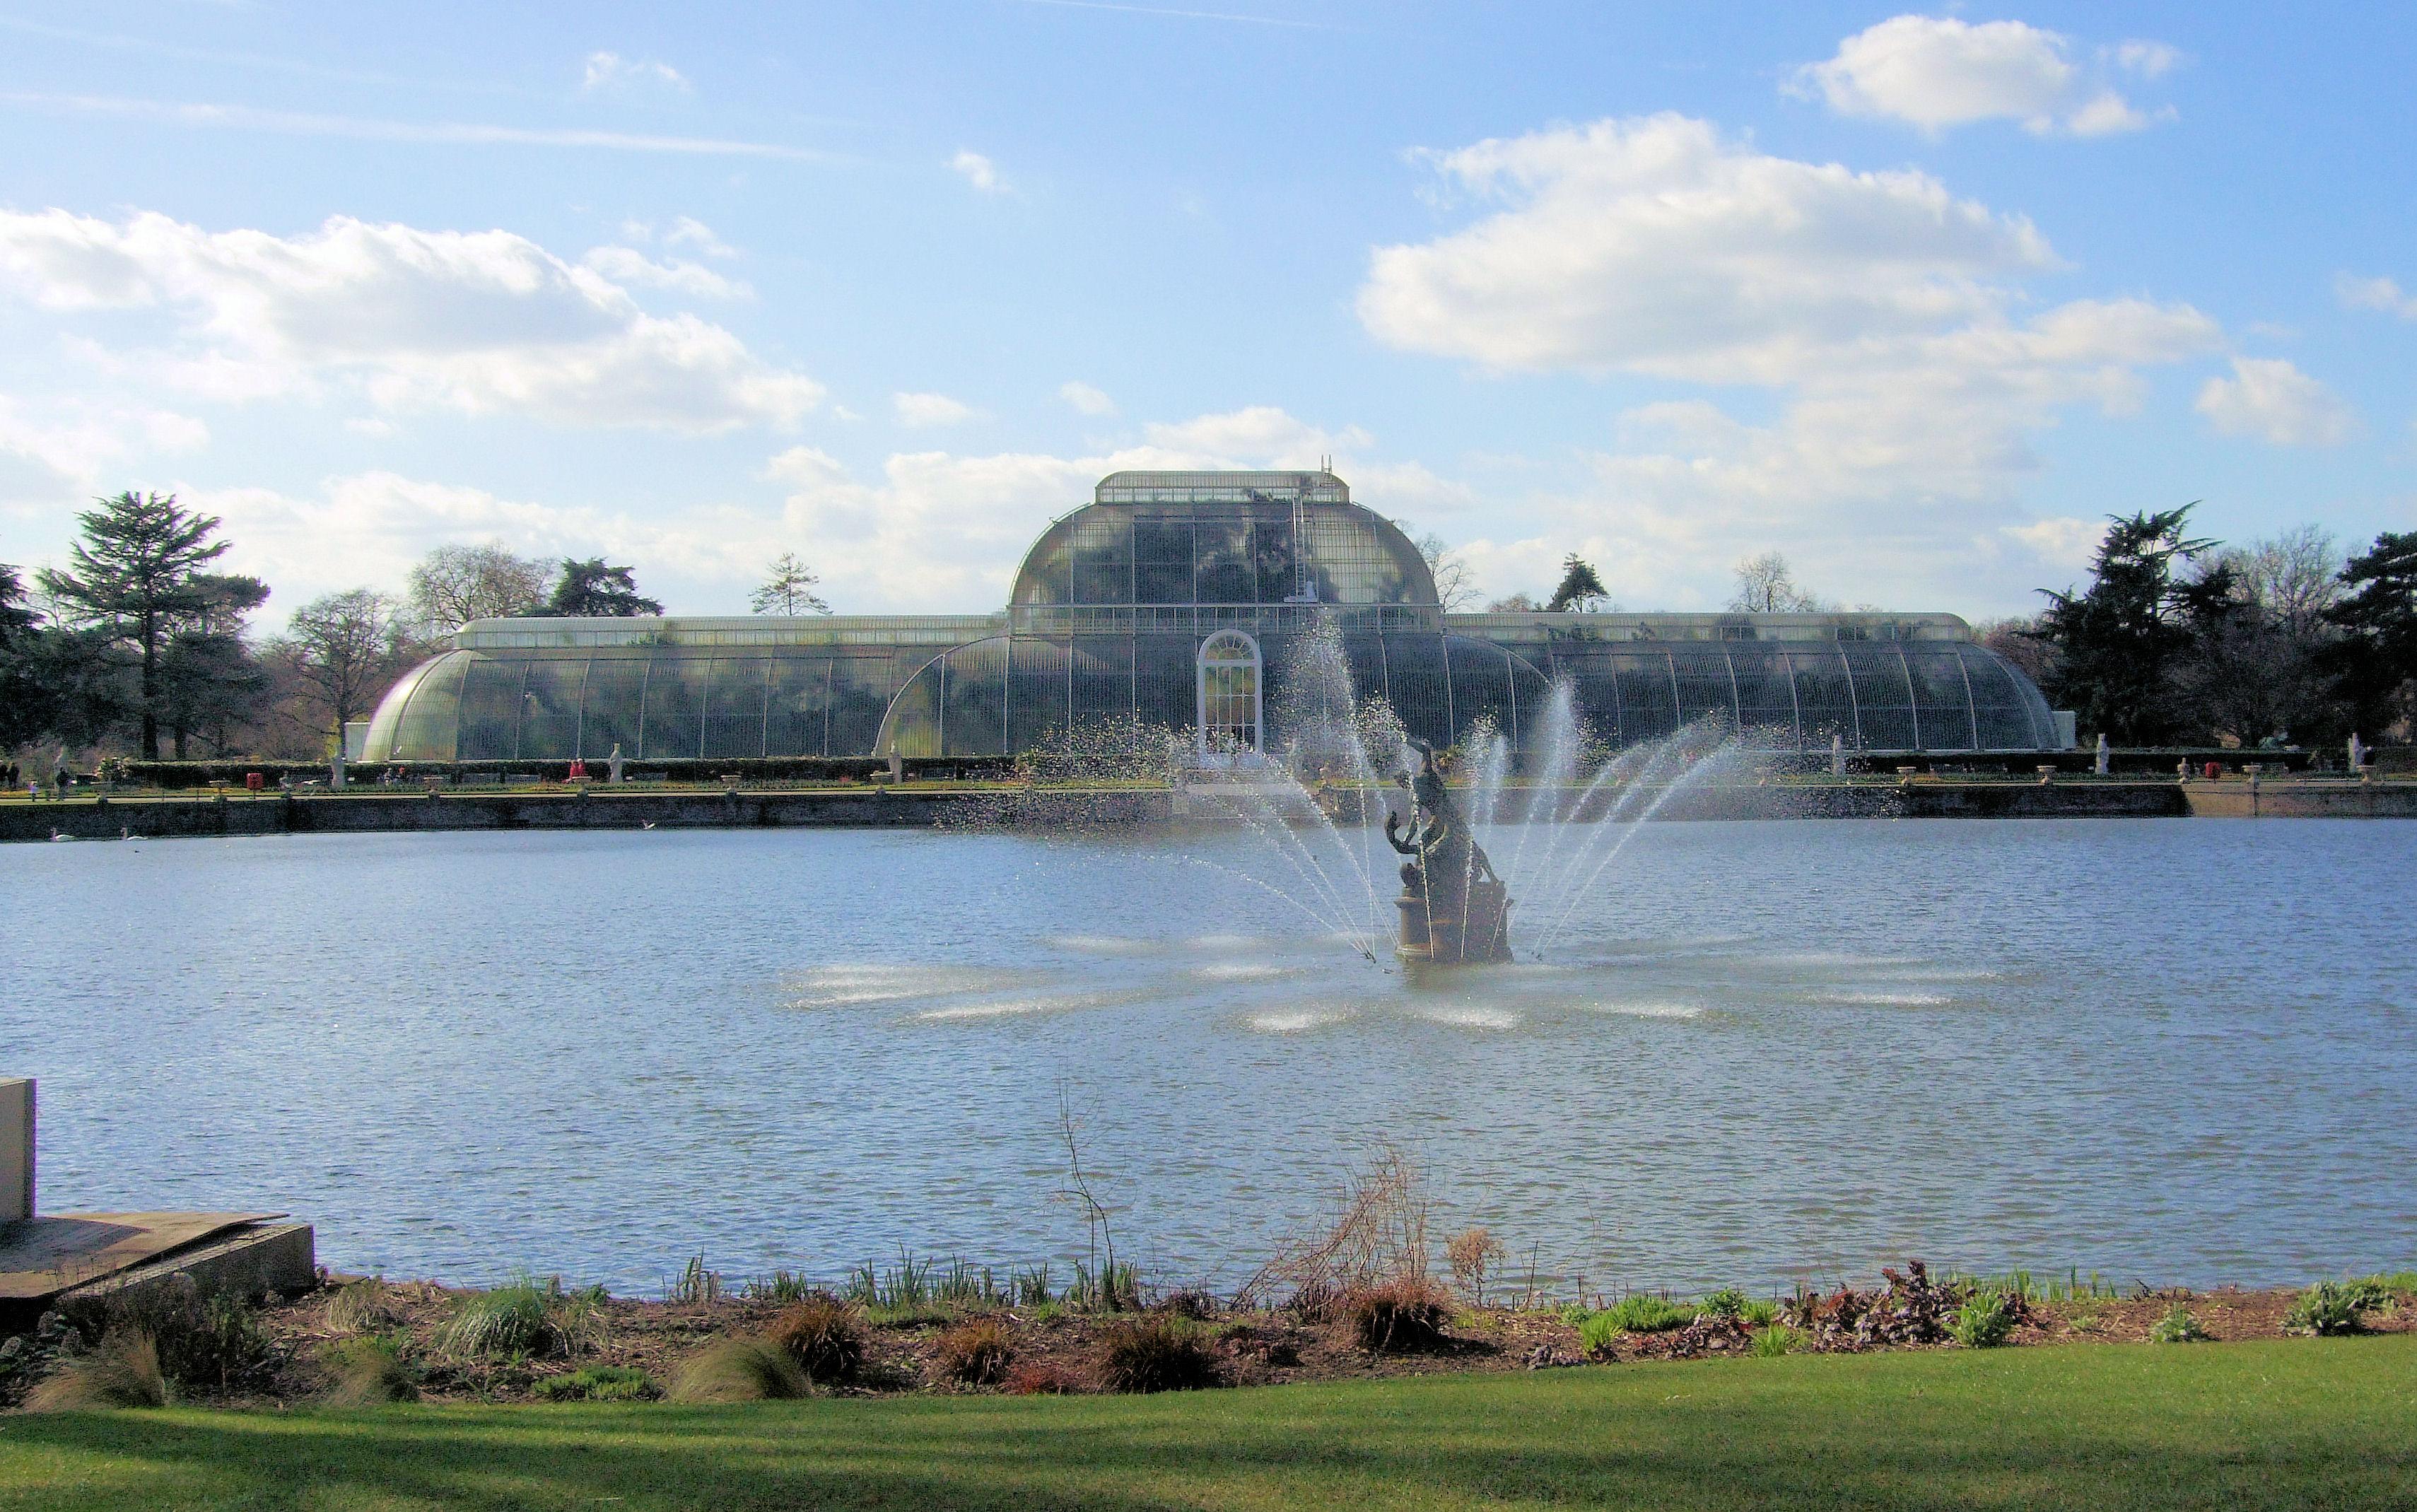 File:The Palm House, Kew Gardens, London